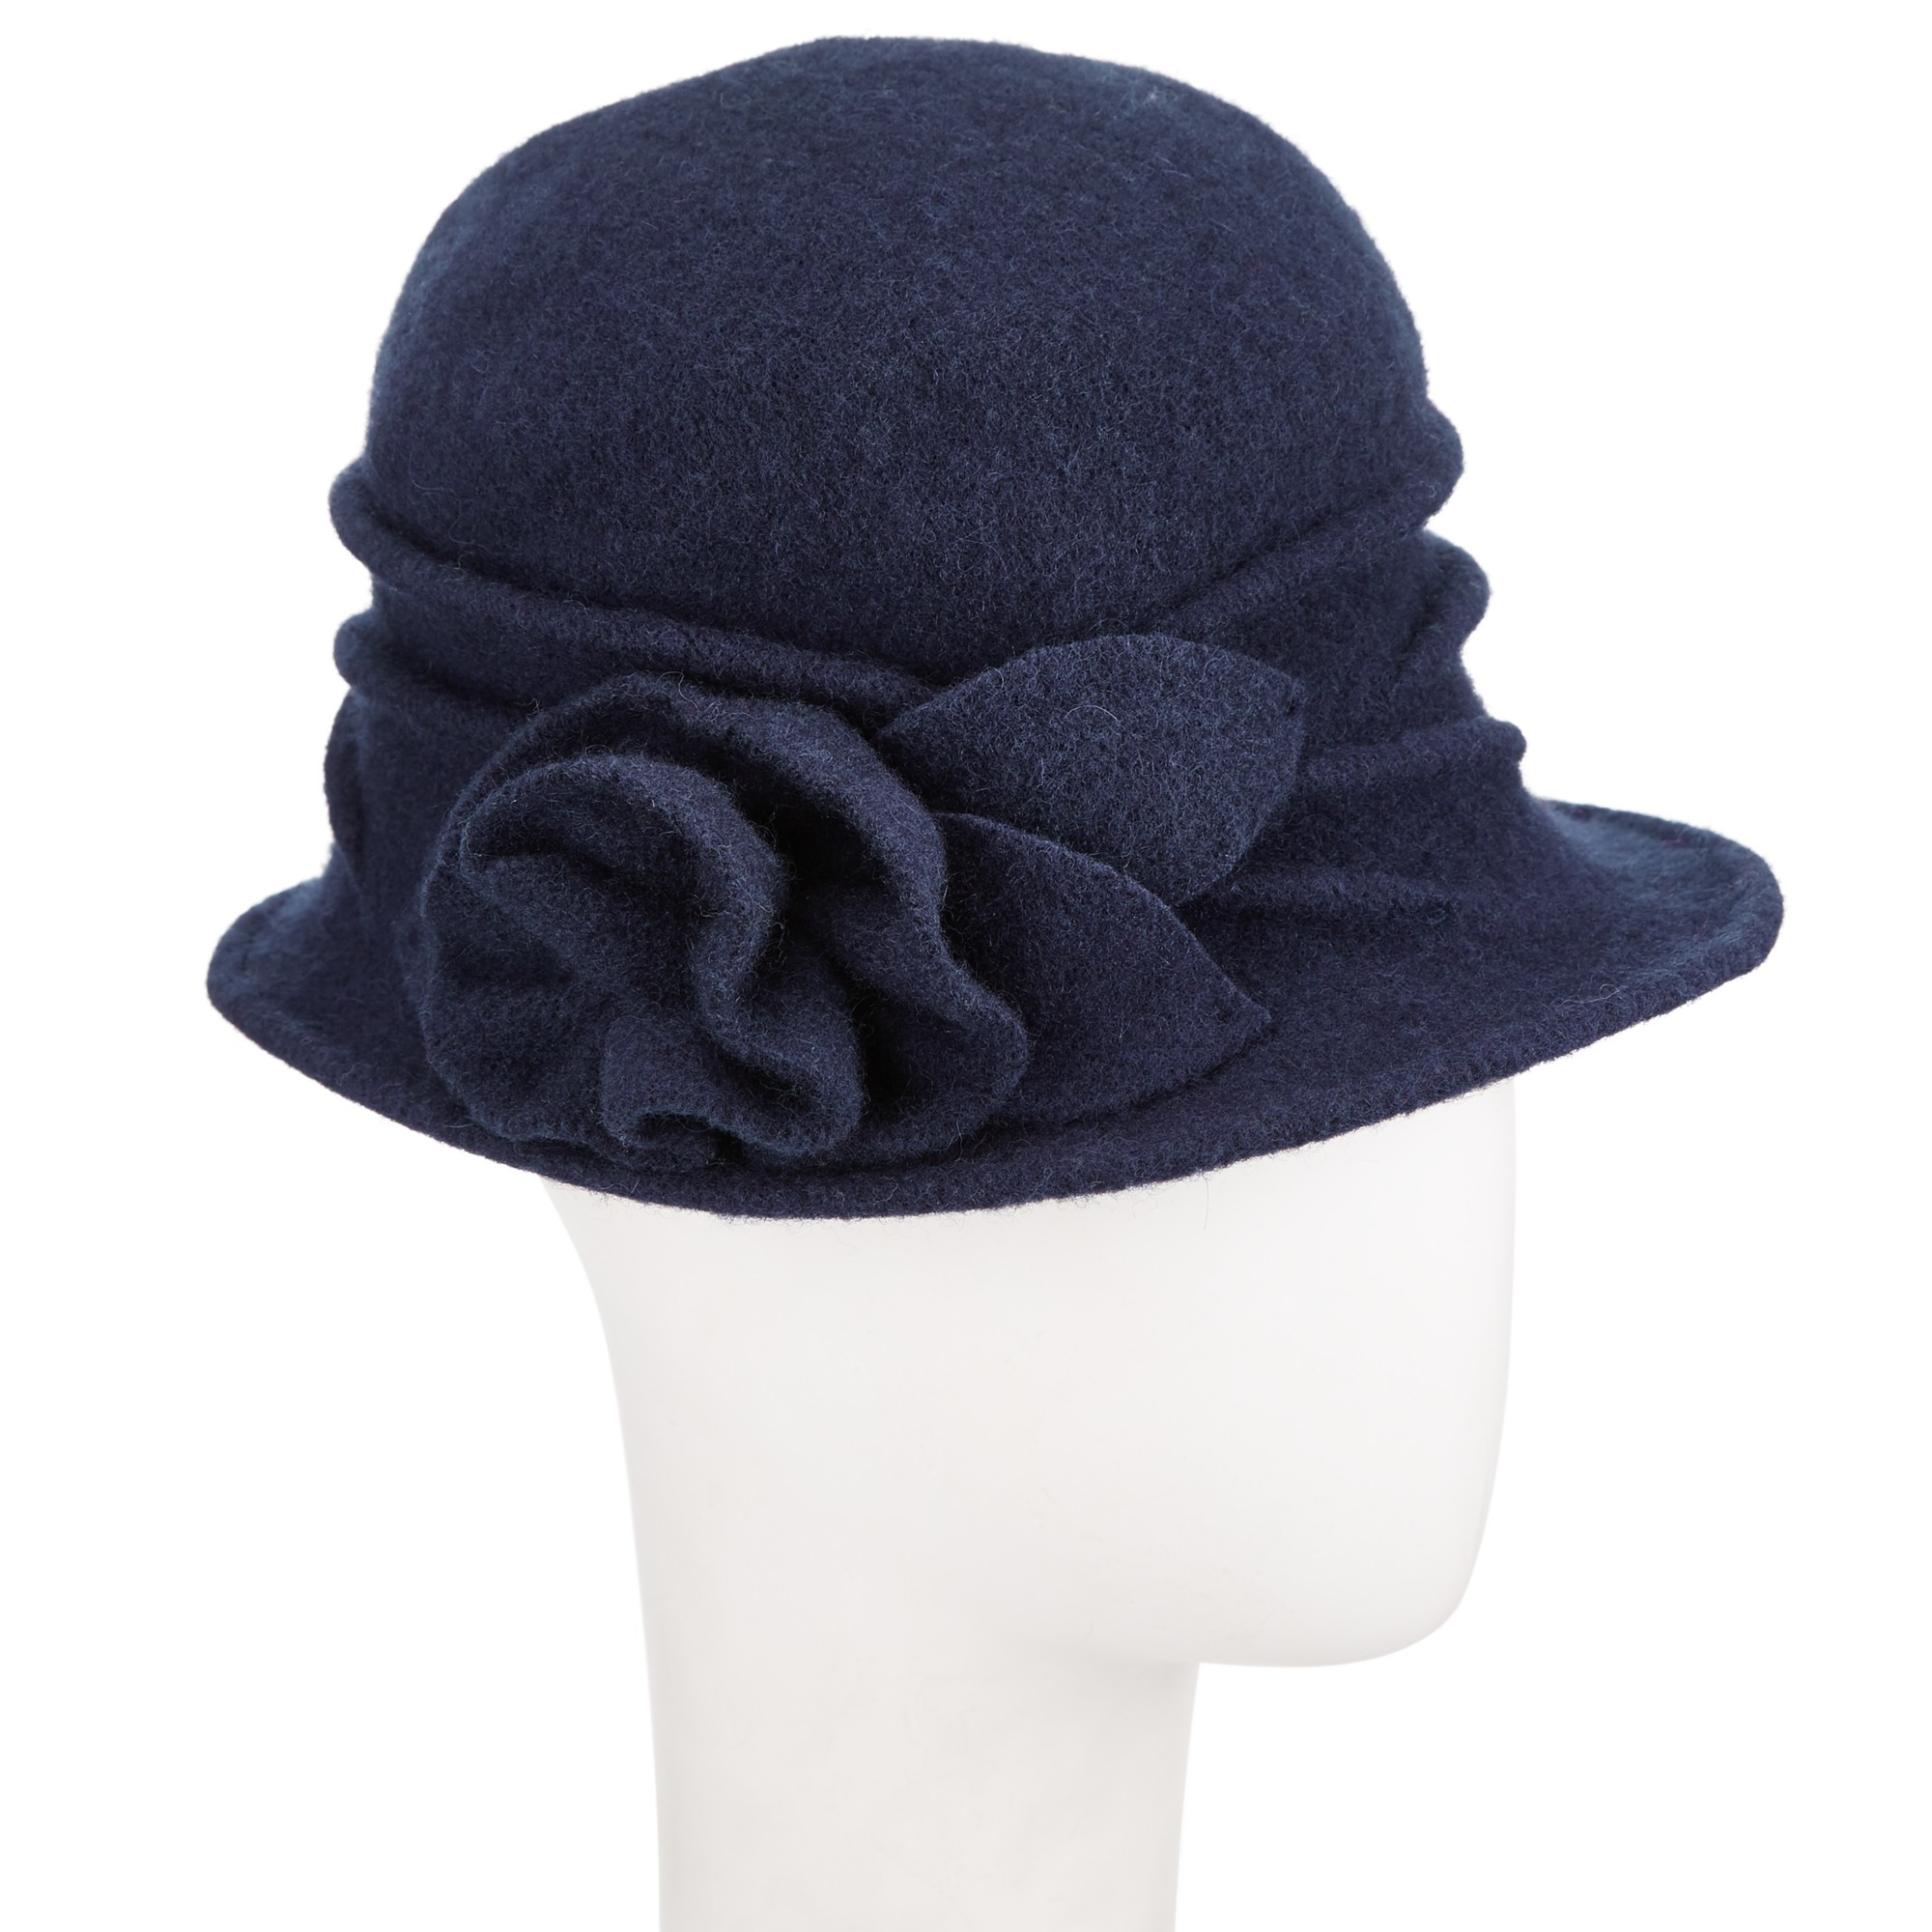 John Lewis Wool Pleat Rose Cloche Hat in Blue - Lyst 73ea87db54c